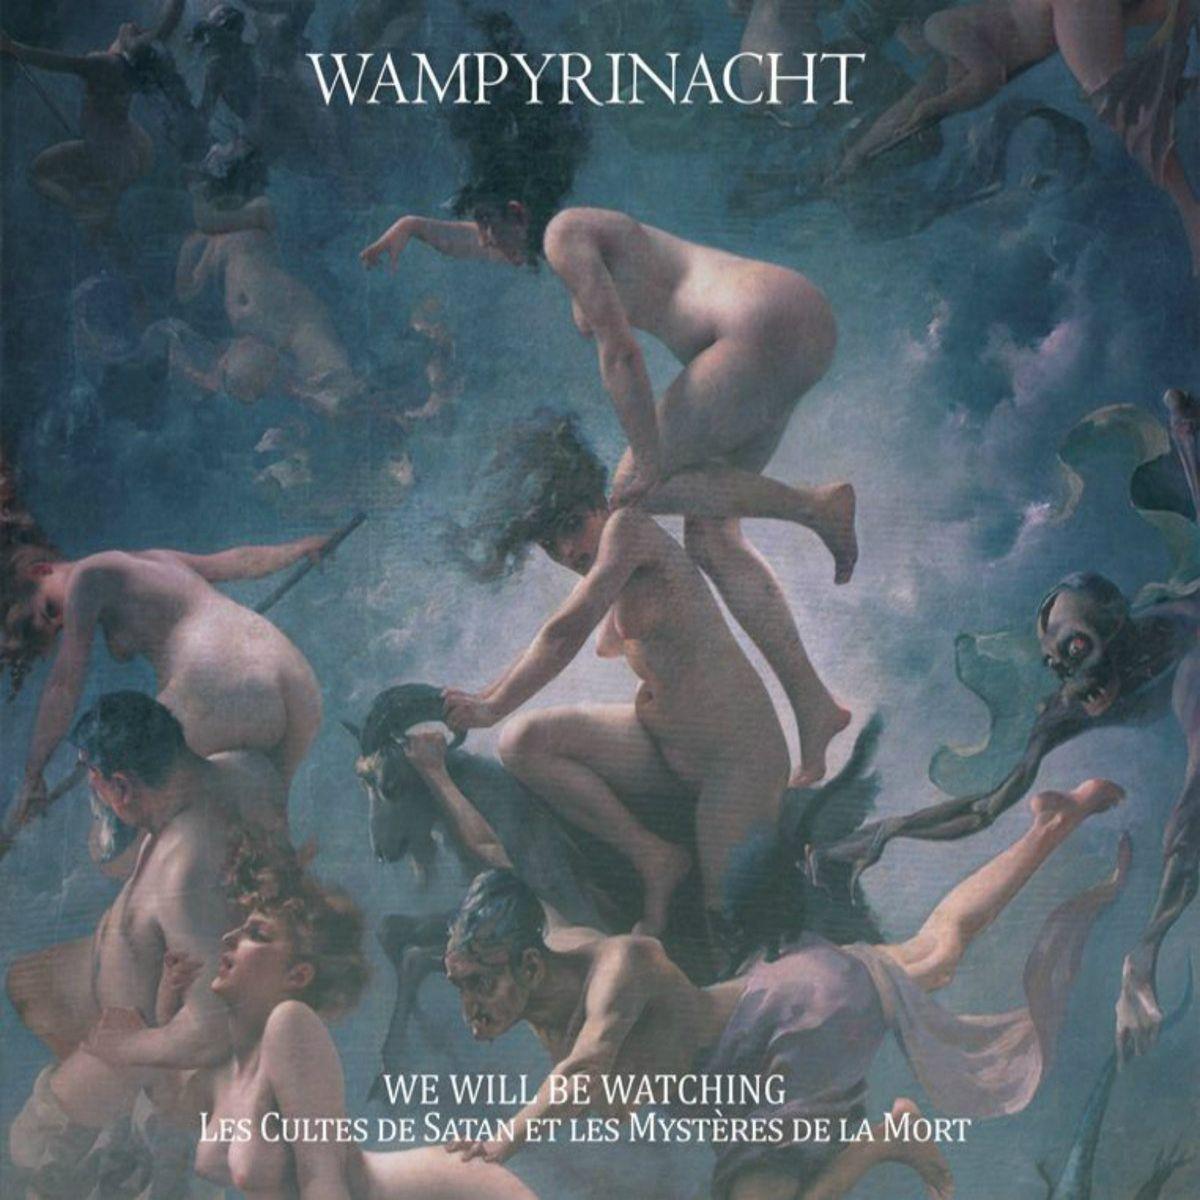 Wampyrinacht - We Will Be Watching (Les Cultes de Satan et les Mystères de la Mort)